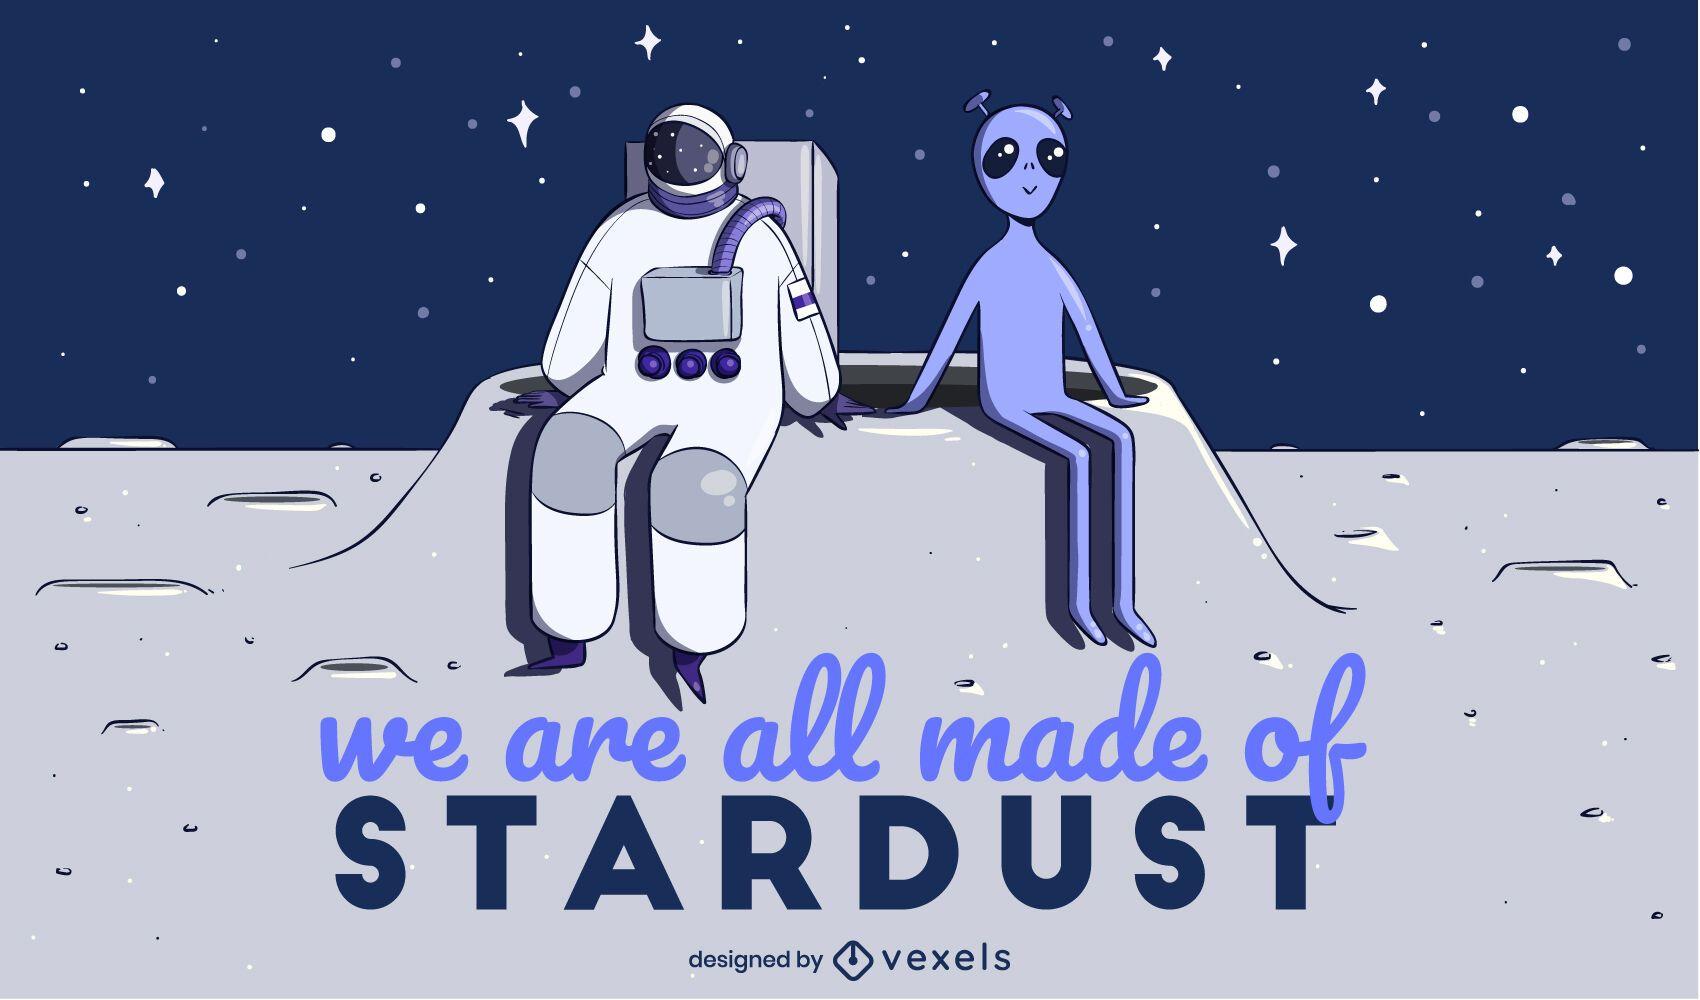 Astronaut and alien illustration